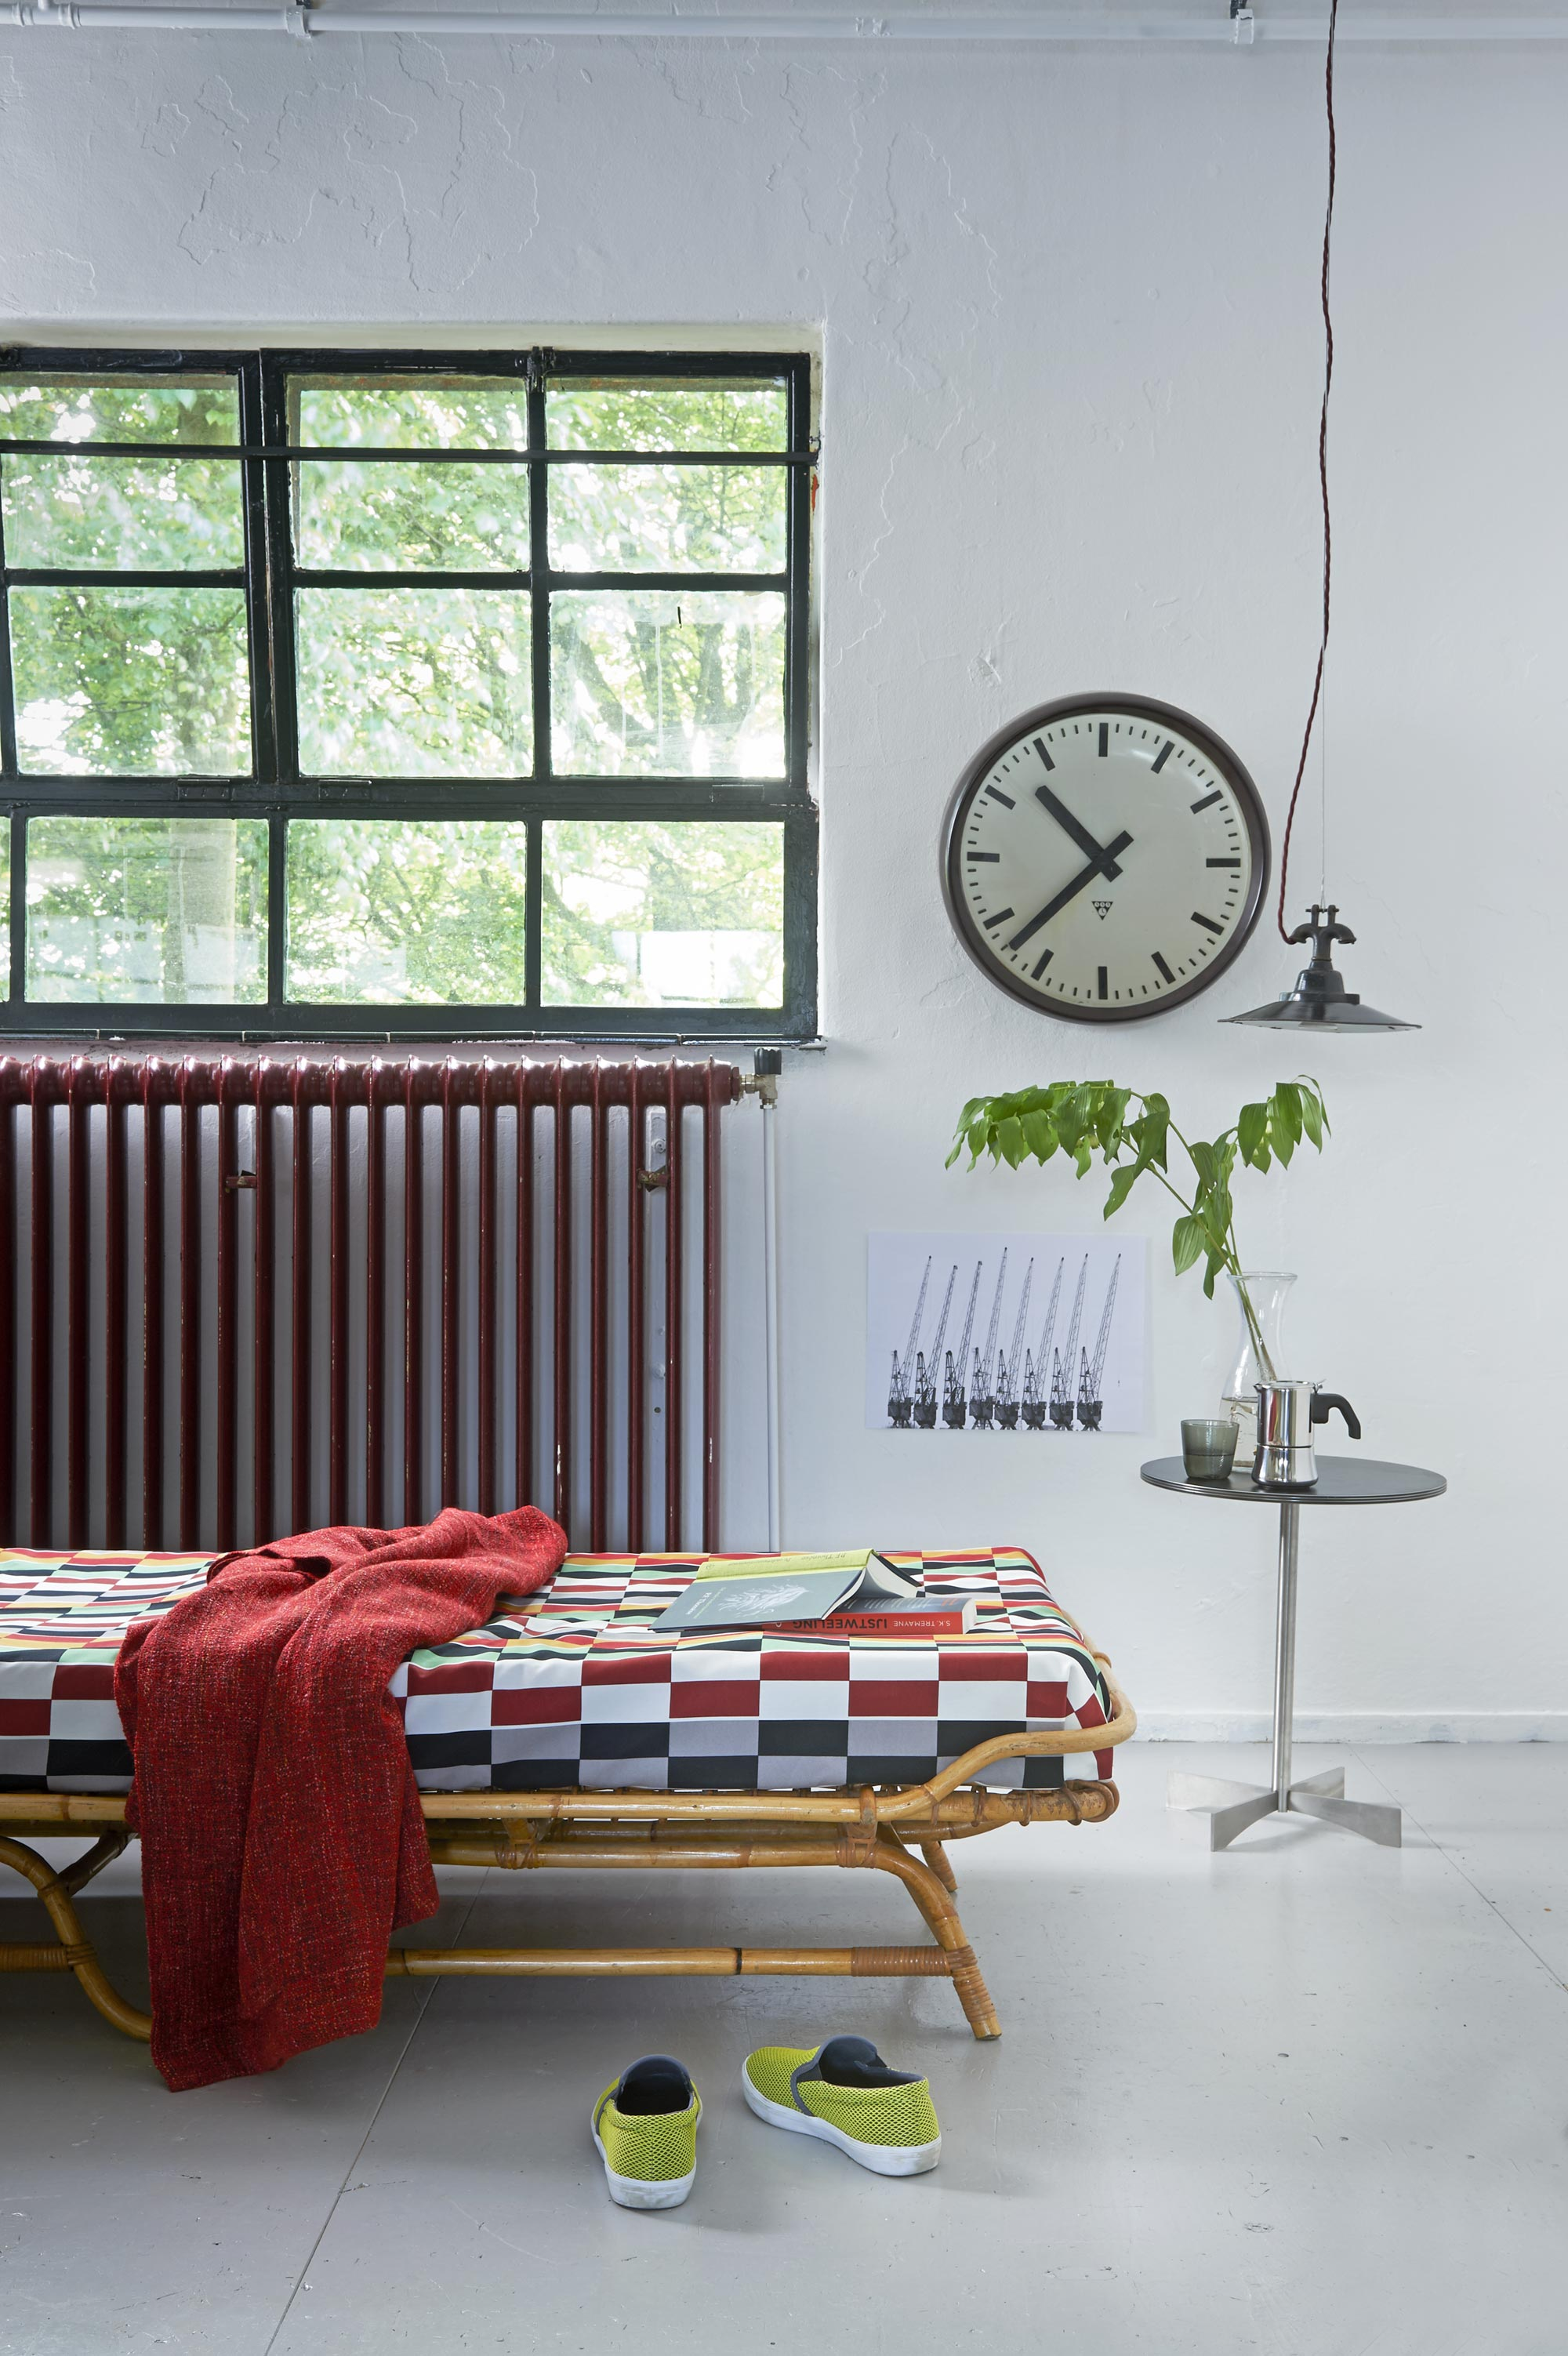 Vintage daybed